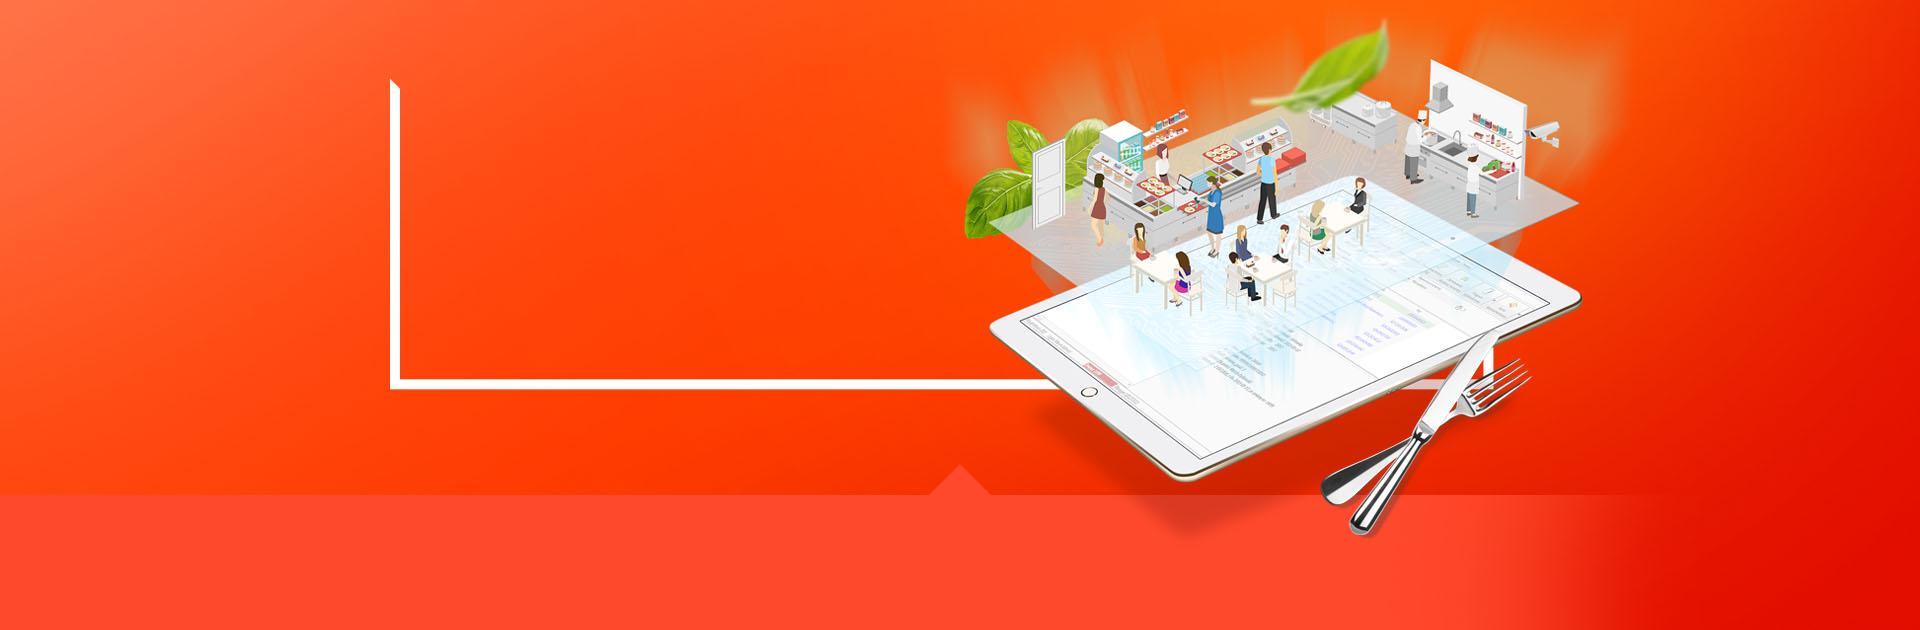 oprogramowanie dla biur rachunkowych slider 6